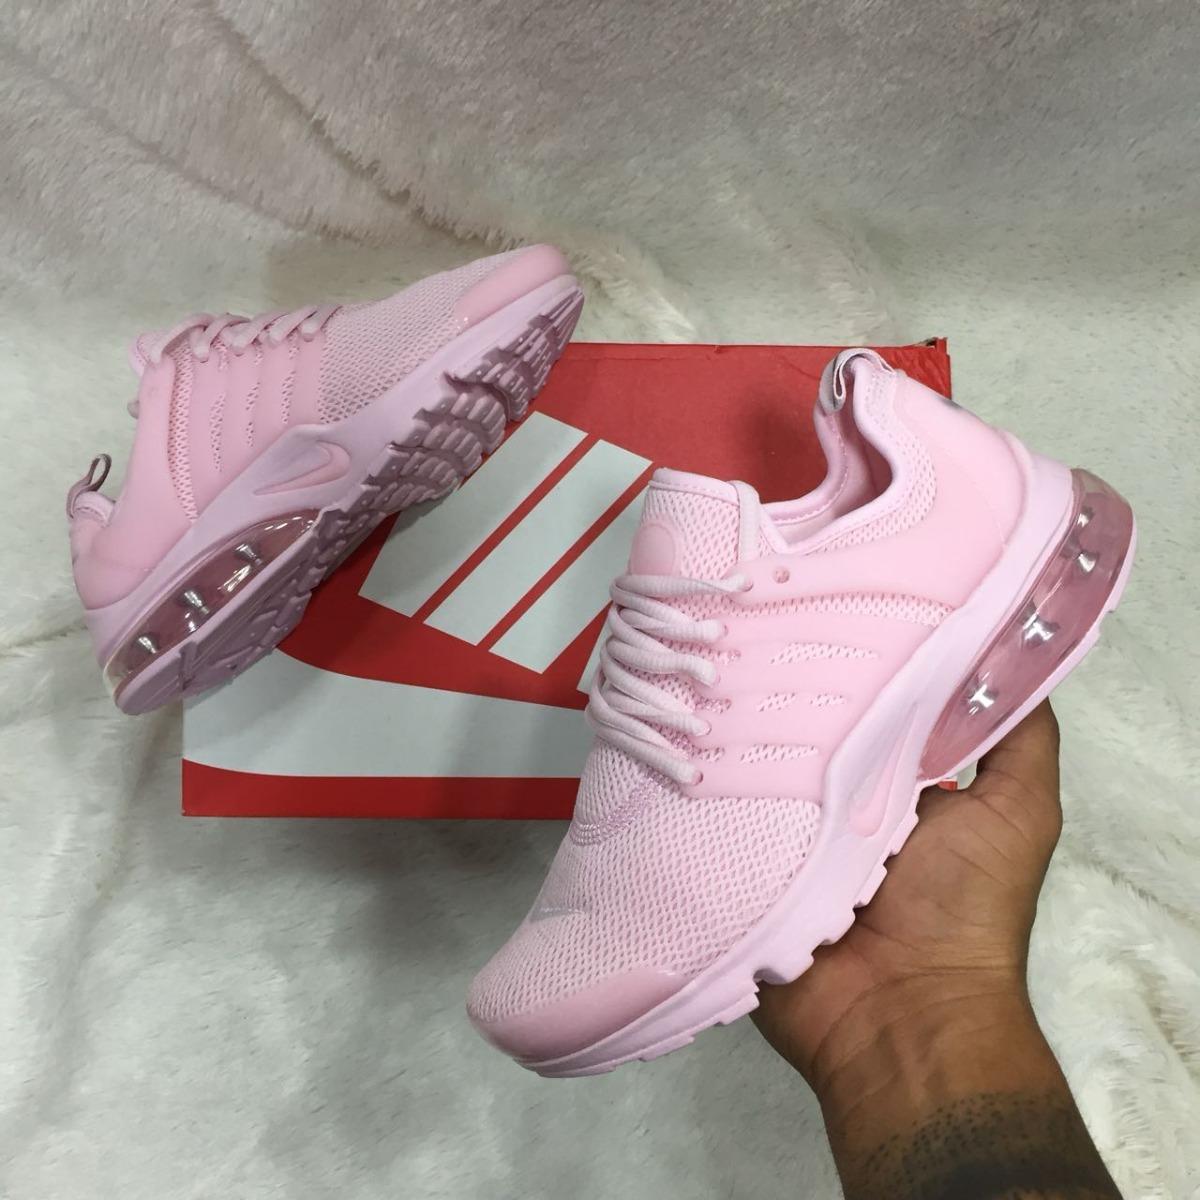 Nike Tenis Para Mujer 2018Off 65 kZiXPuOT